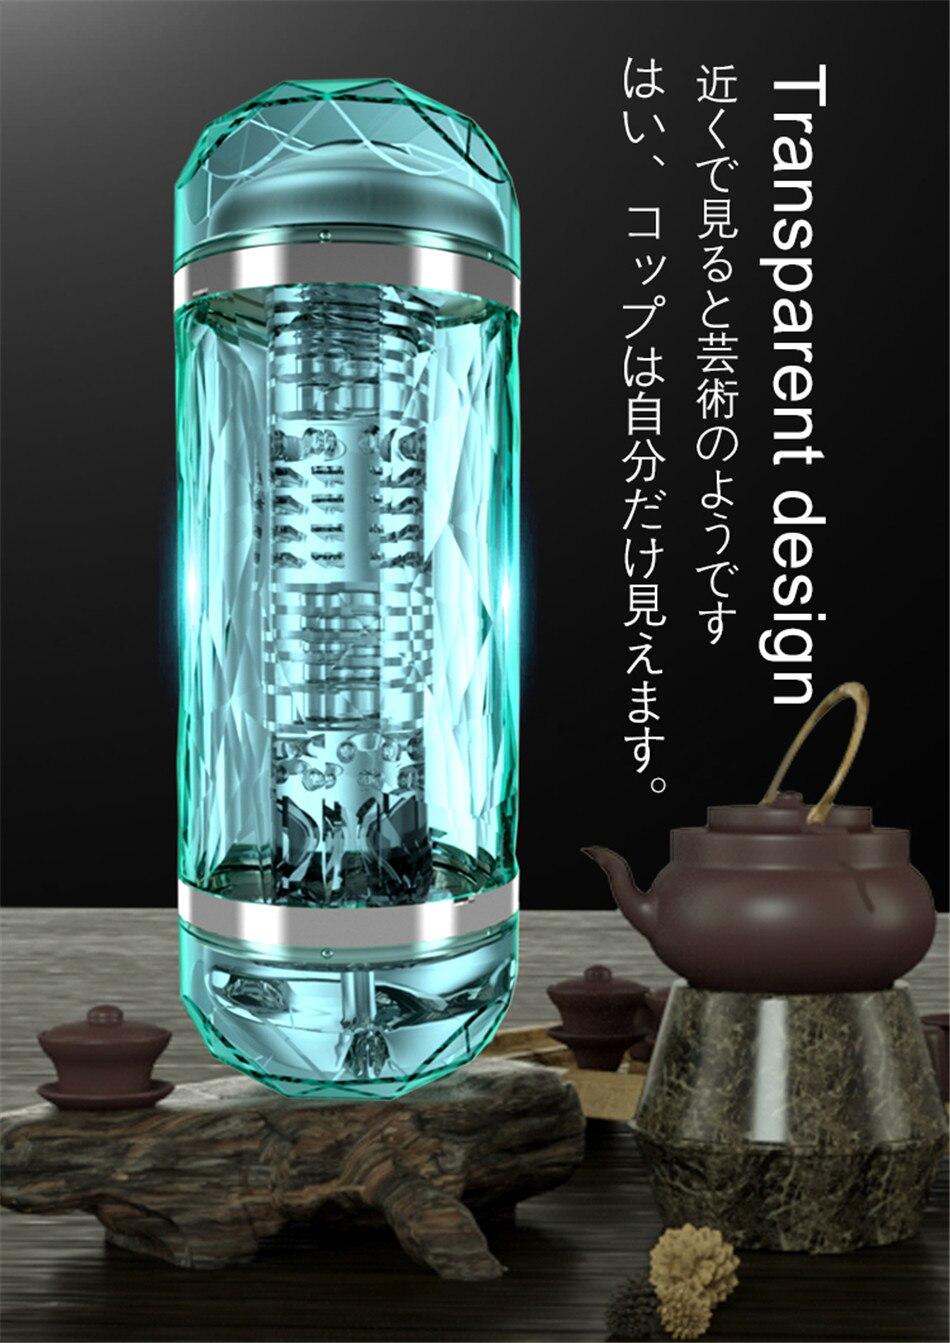 水晶 杯 · 1- 恢复 的 _03